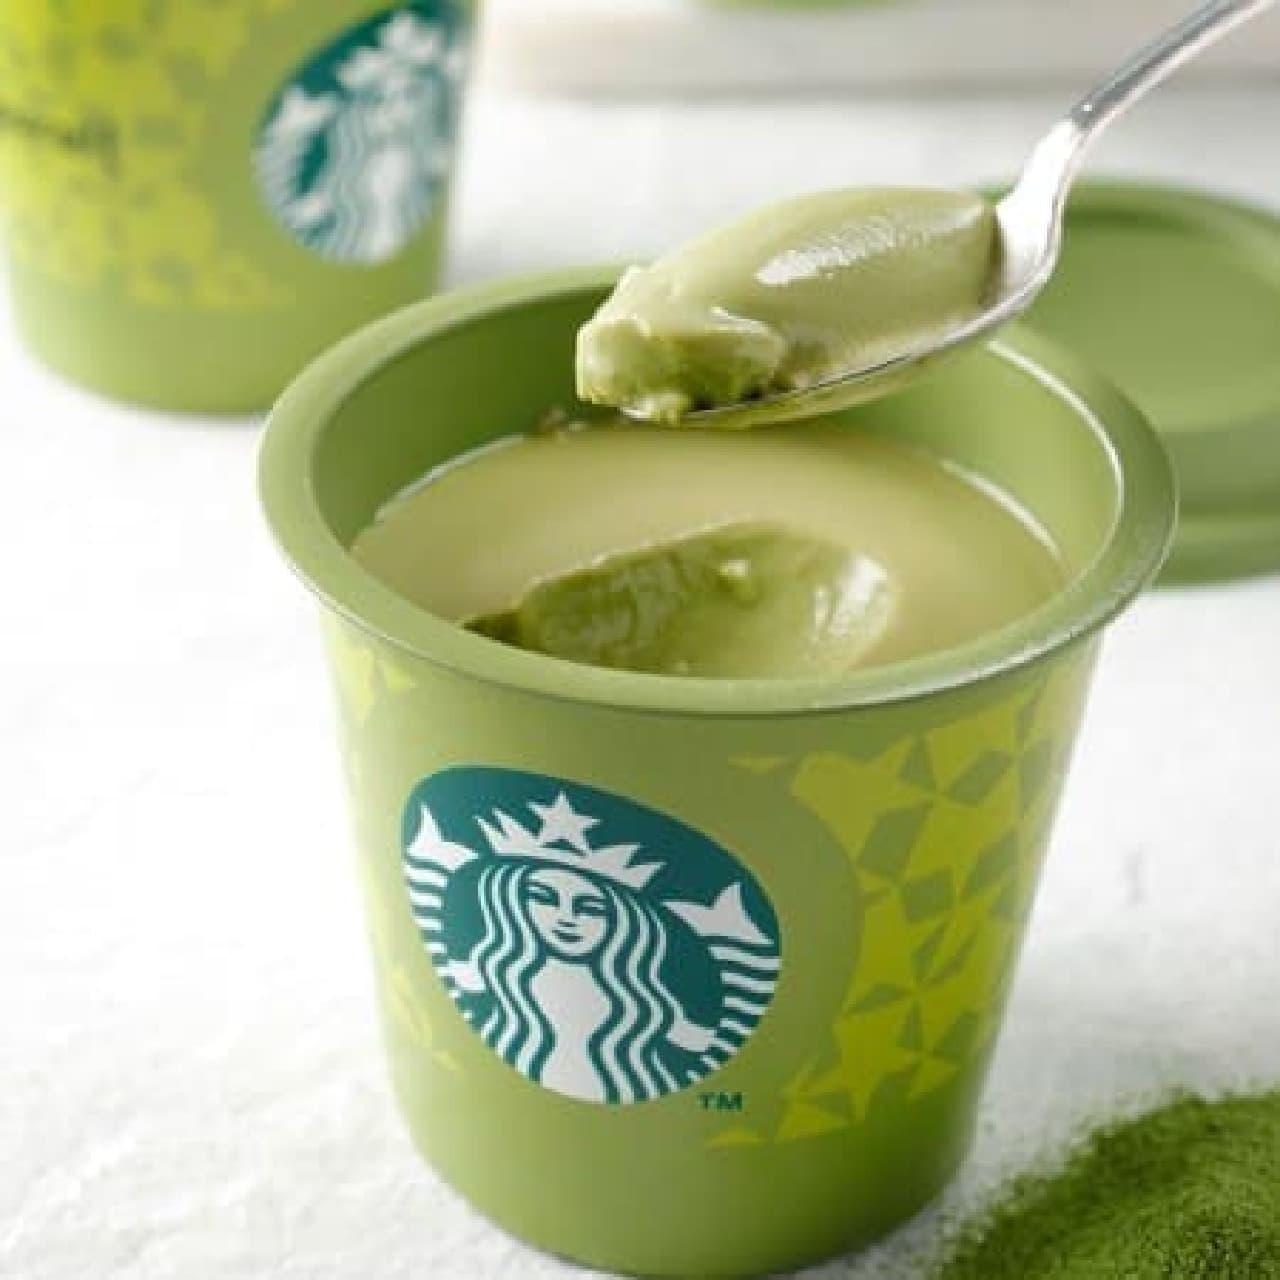 スターバックス コーヒー「抹茶プリン」